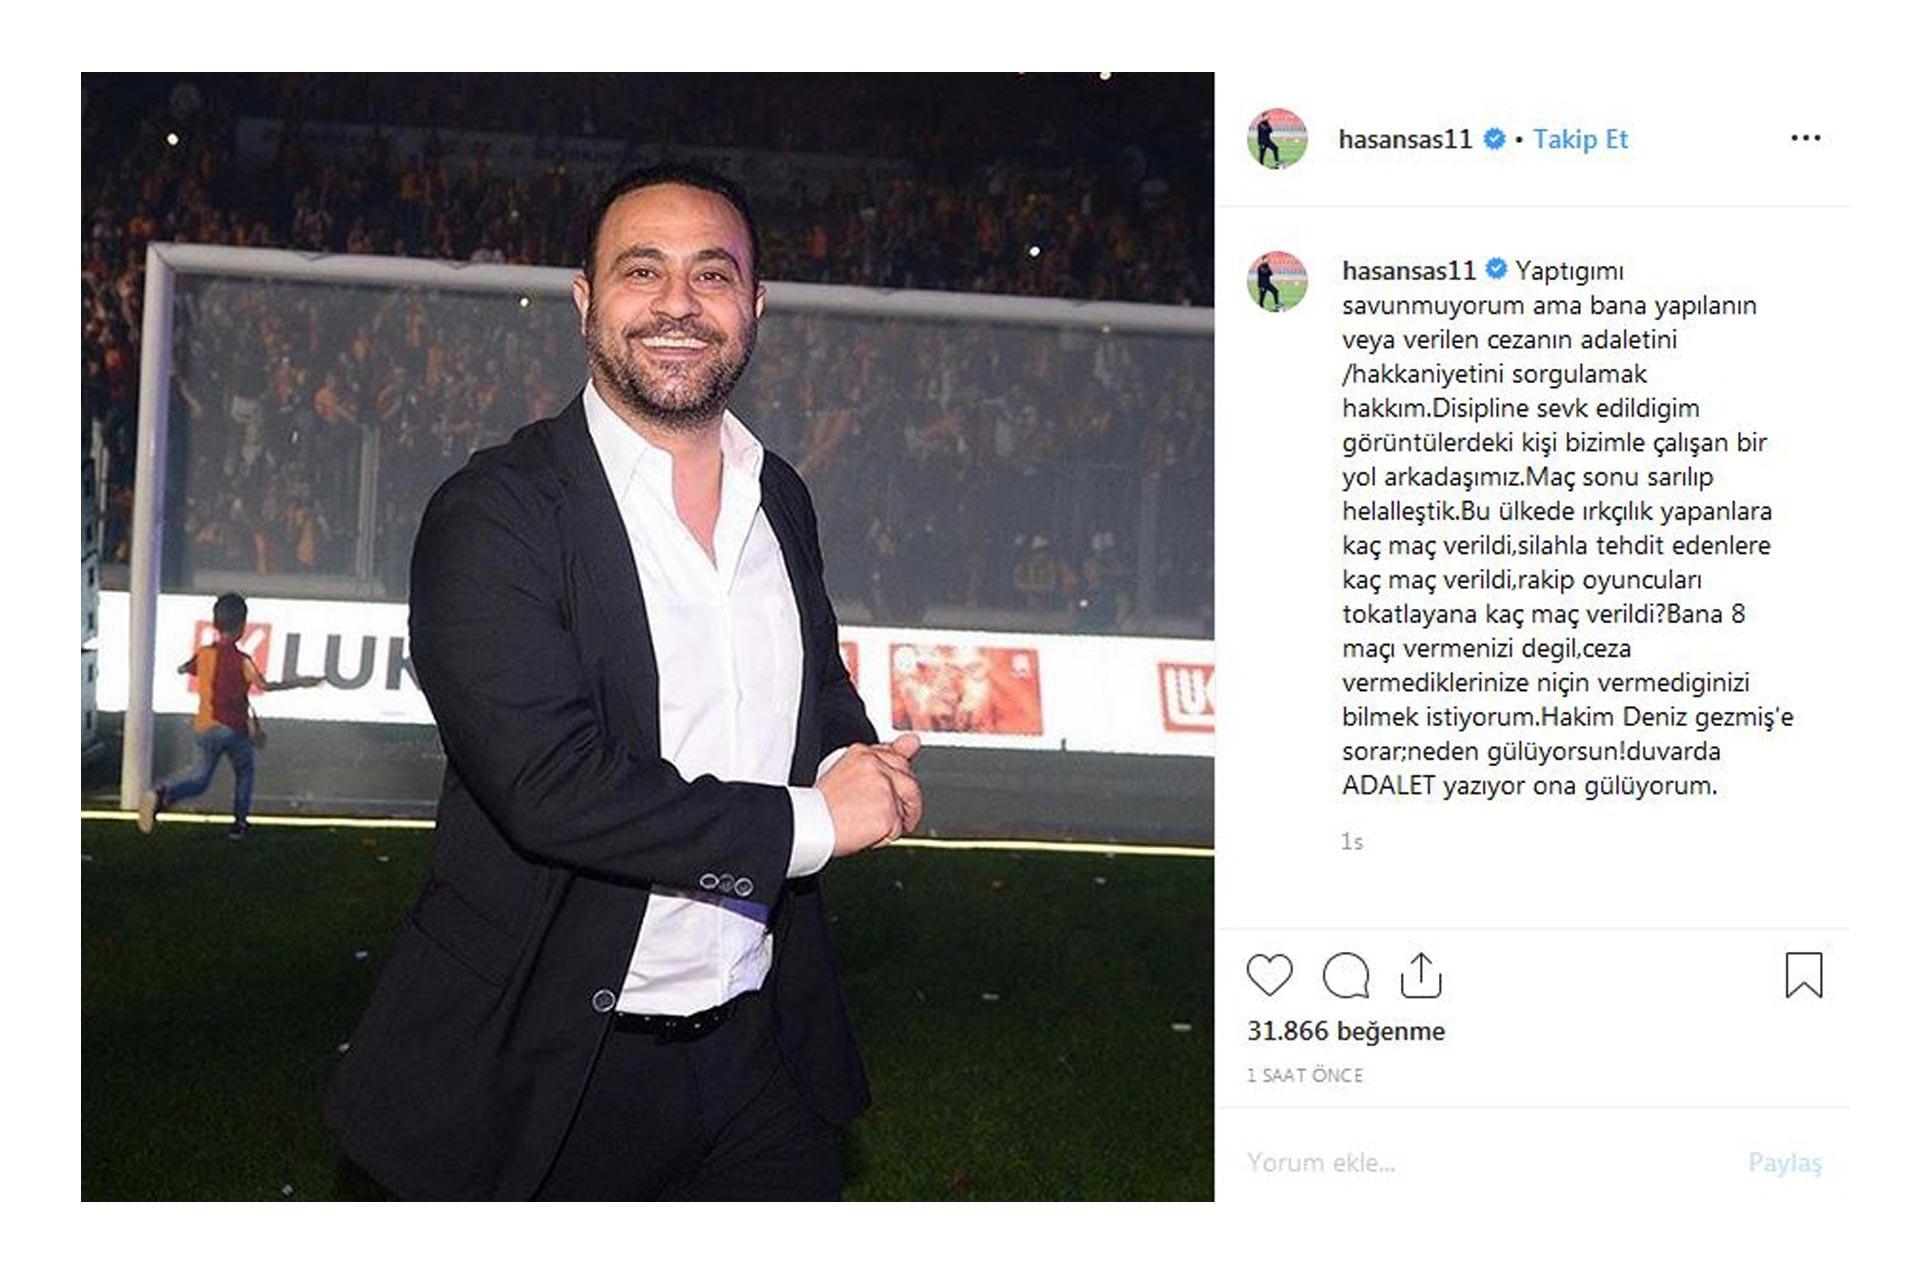 Hasan Şaş, Instagram hesabından Deniz Gezmiş'in sözünü paylaştı